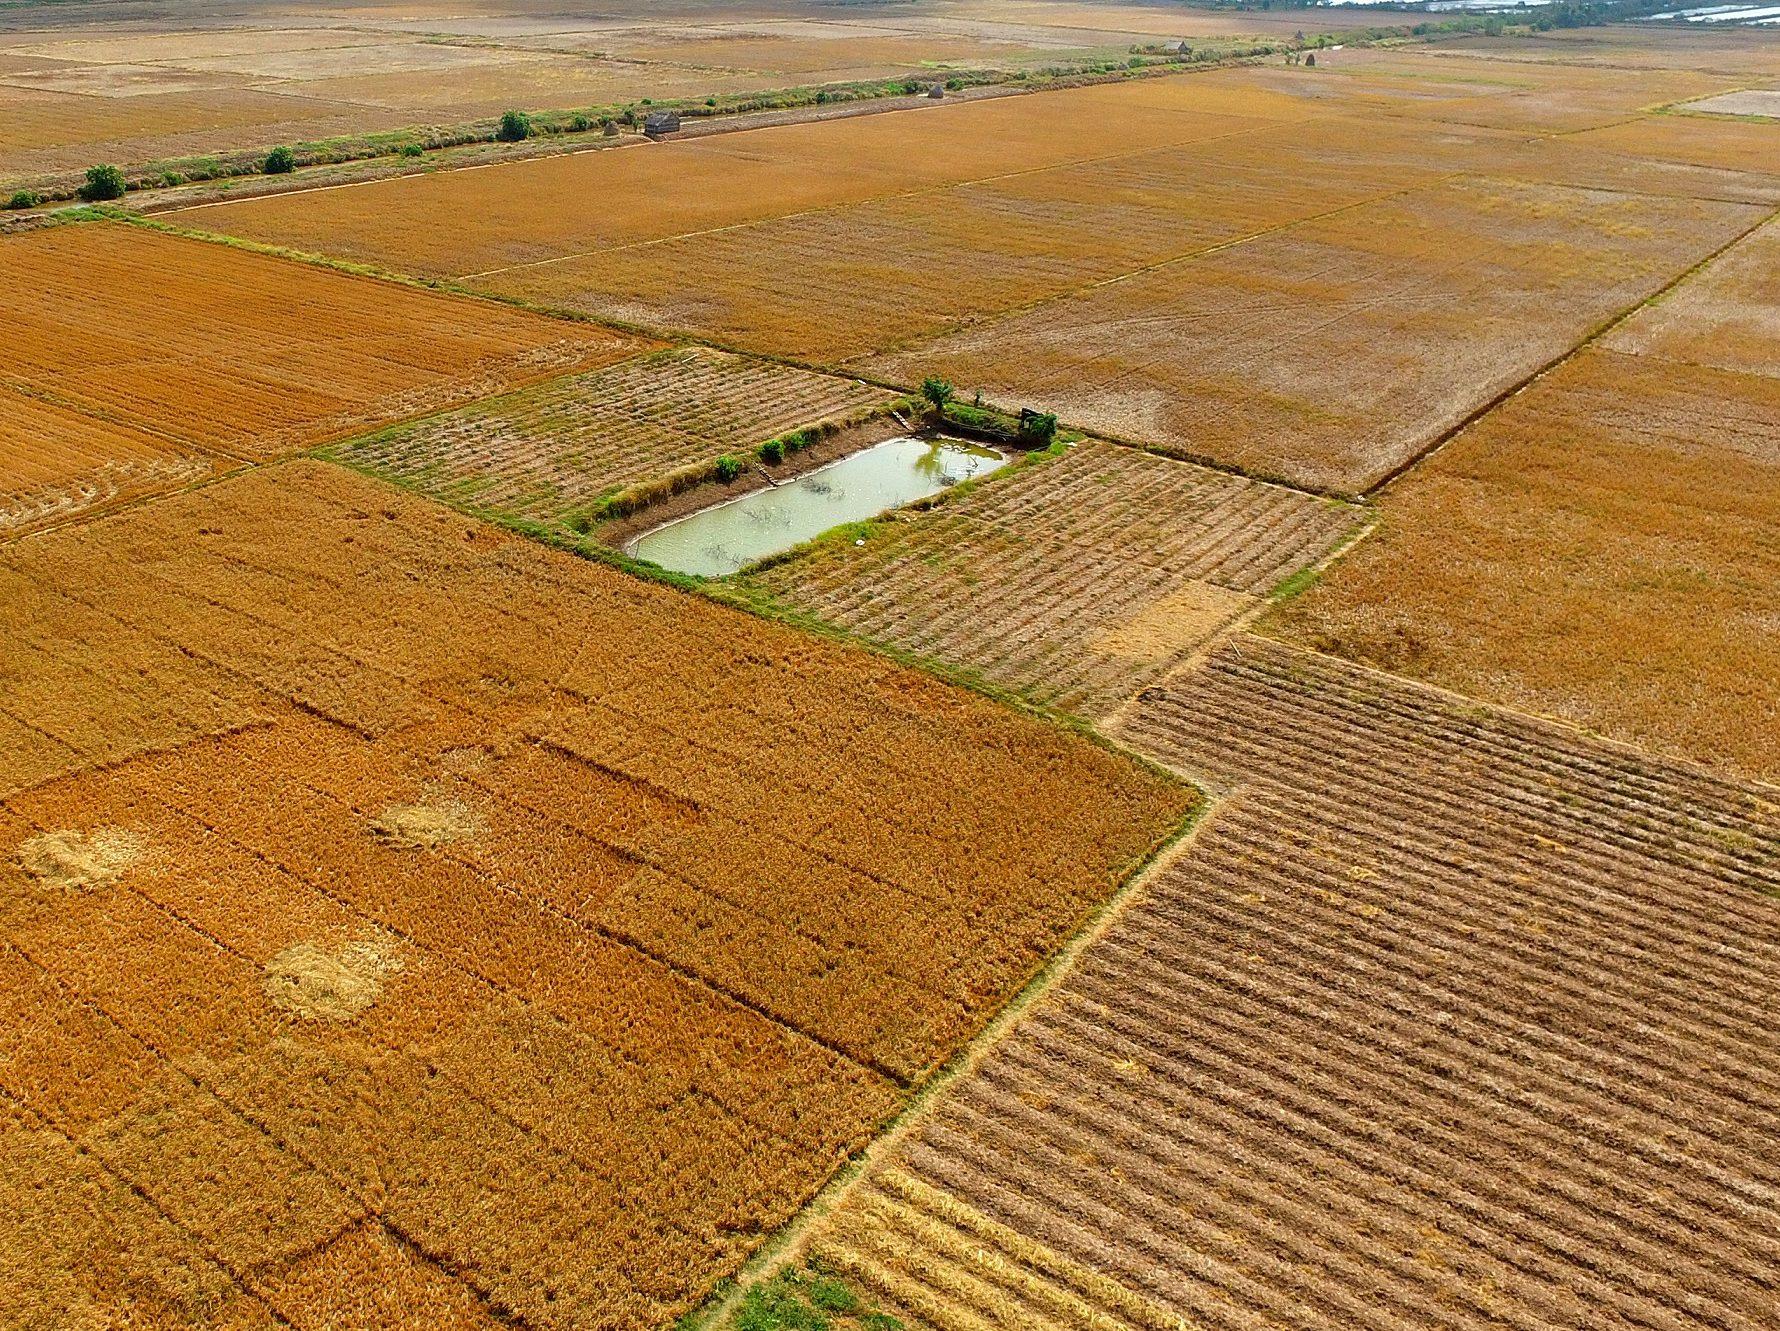 Các câu chuyện về quản lý hệ thống thủy lợi tại An Giang